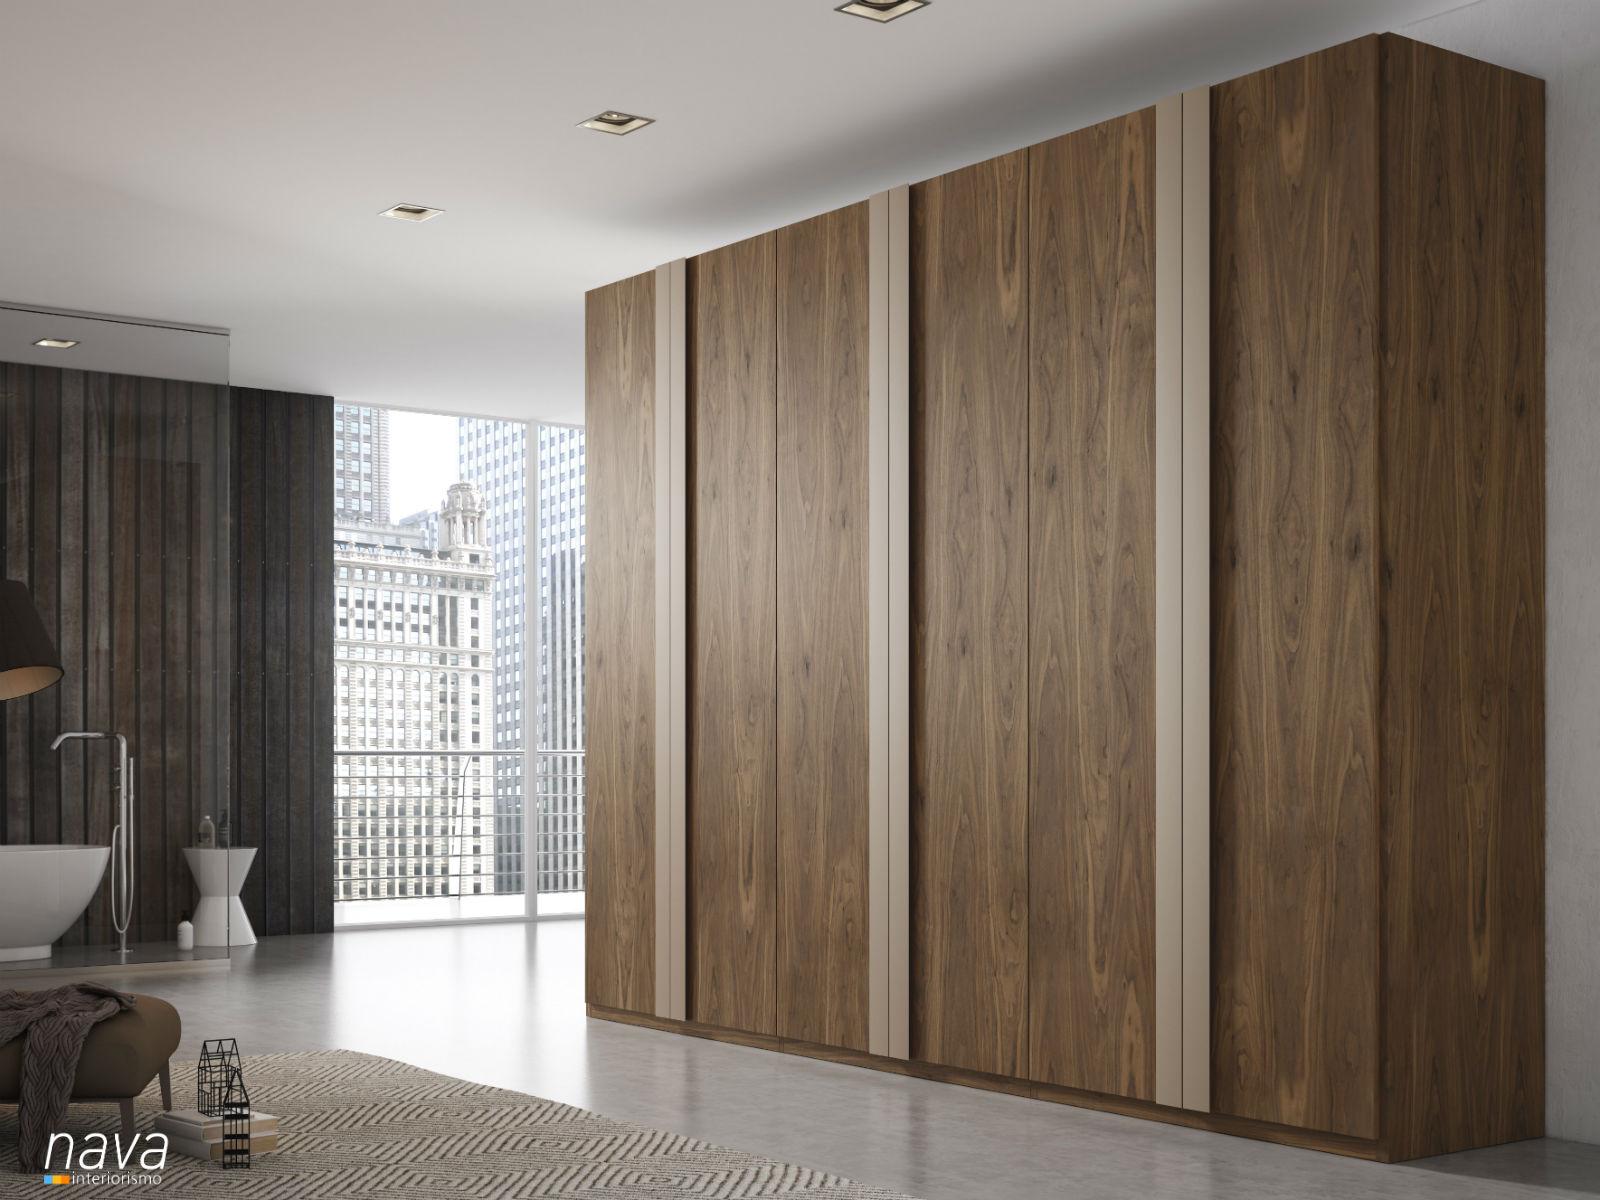 armario-puerta-madera-tirador-laca